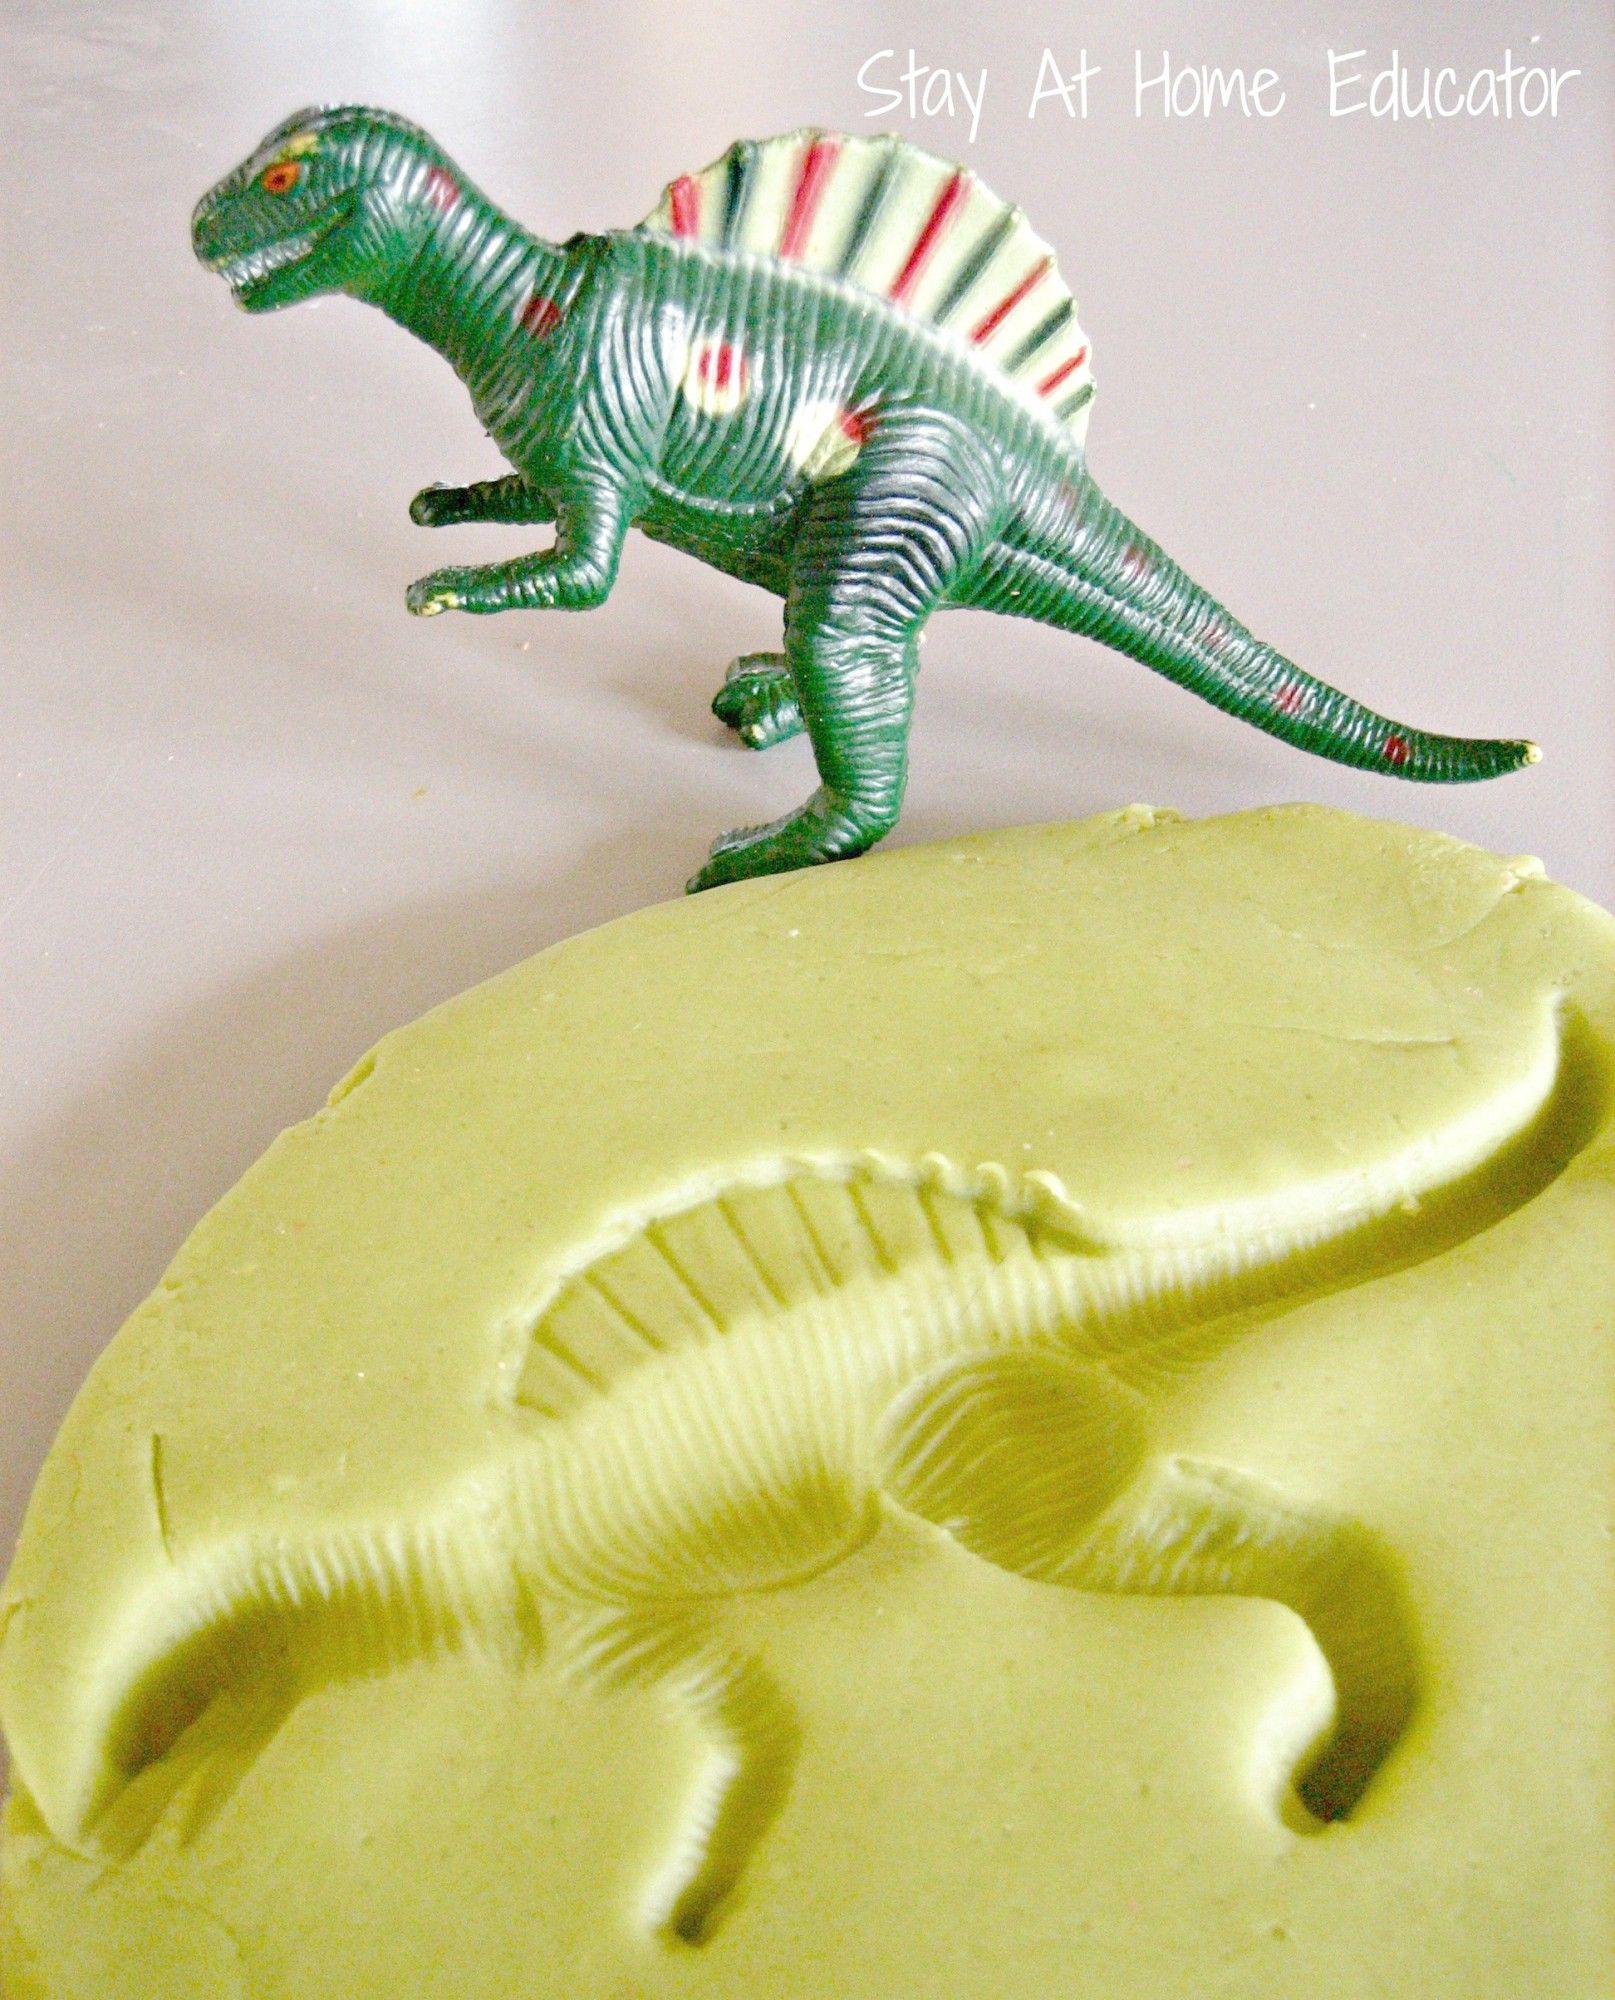 Dinosaur fossils in play dough #dinosaurfossils